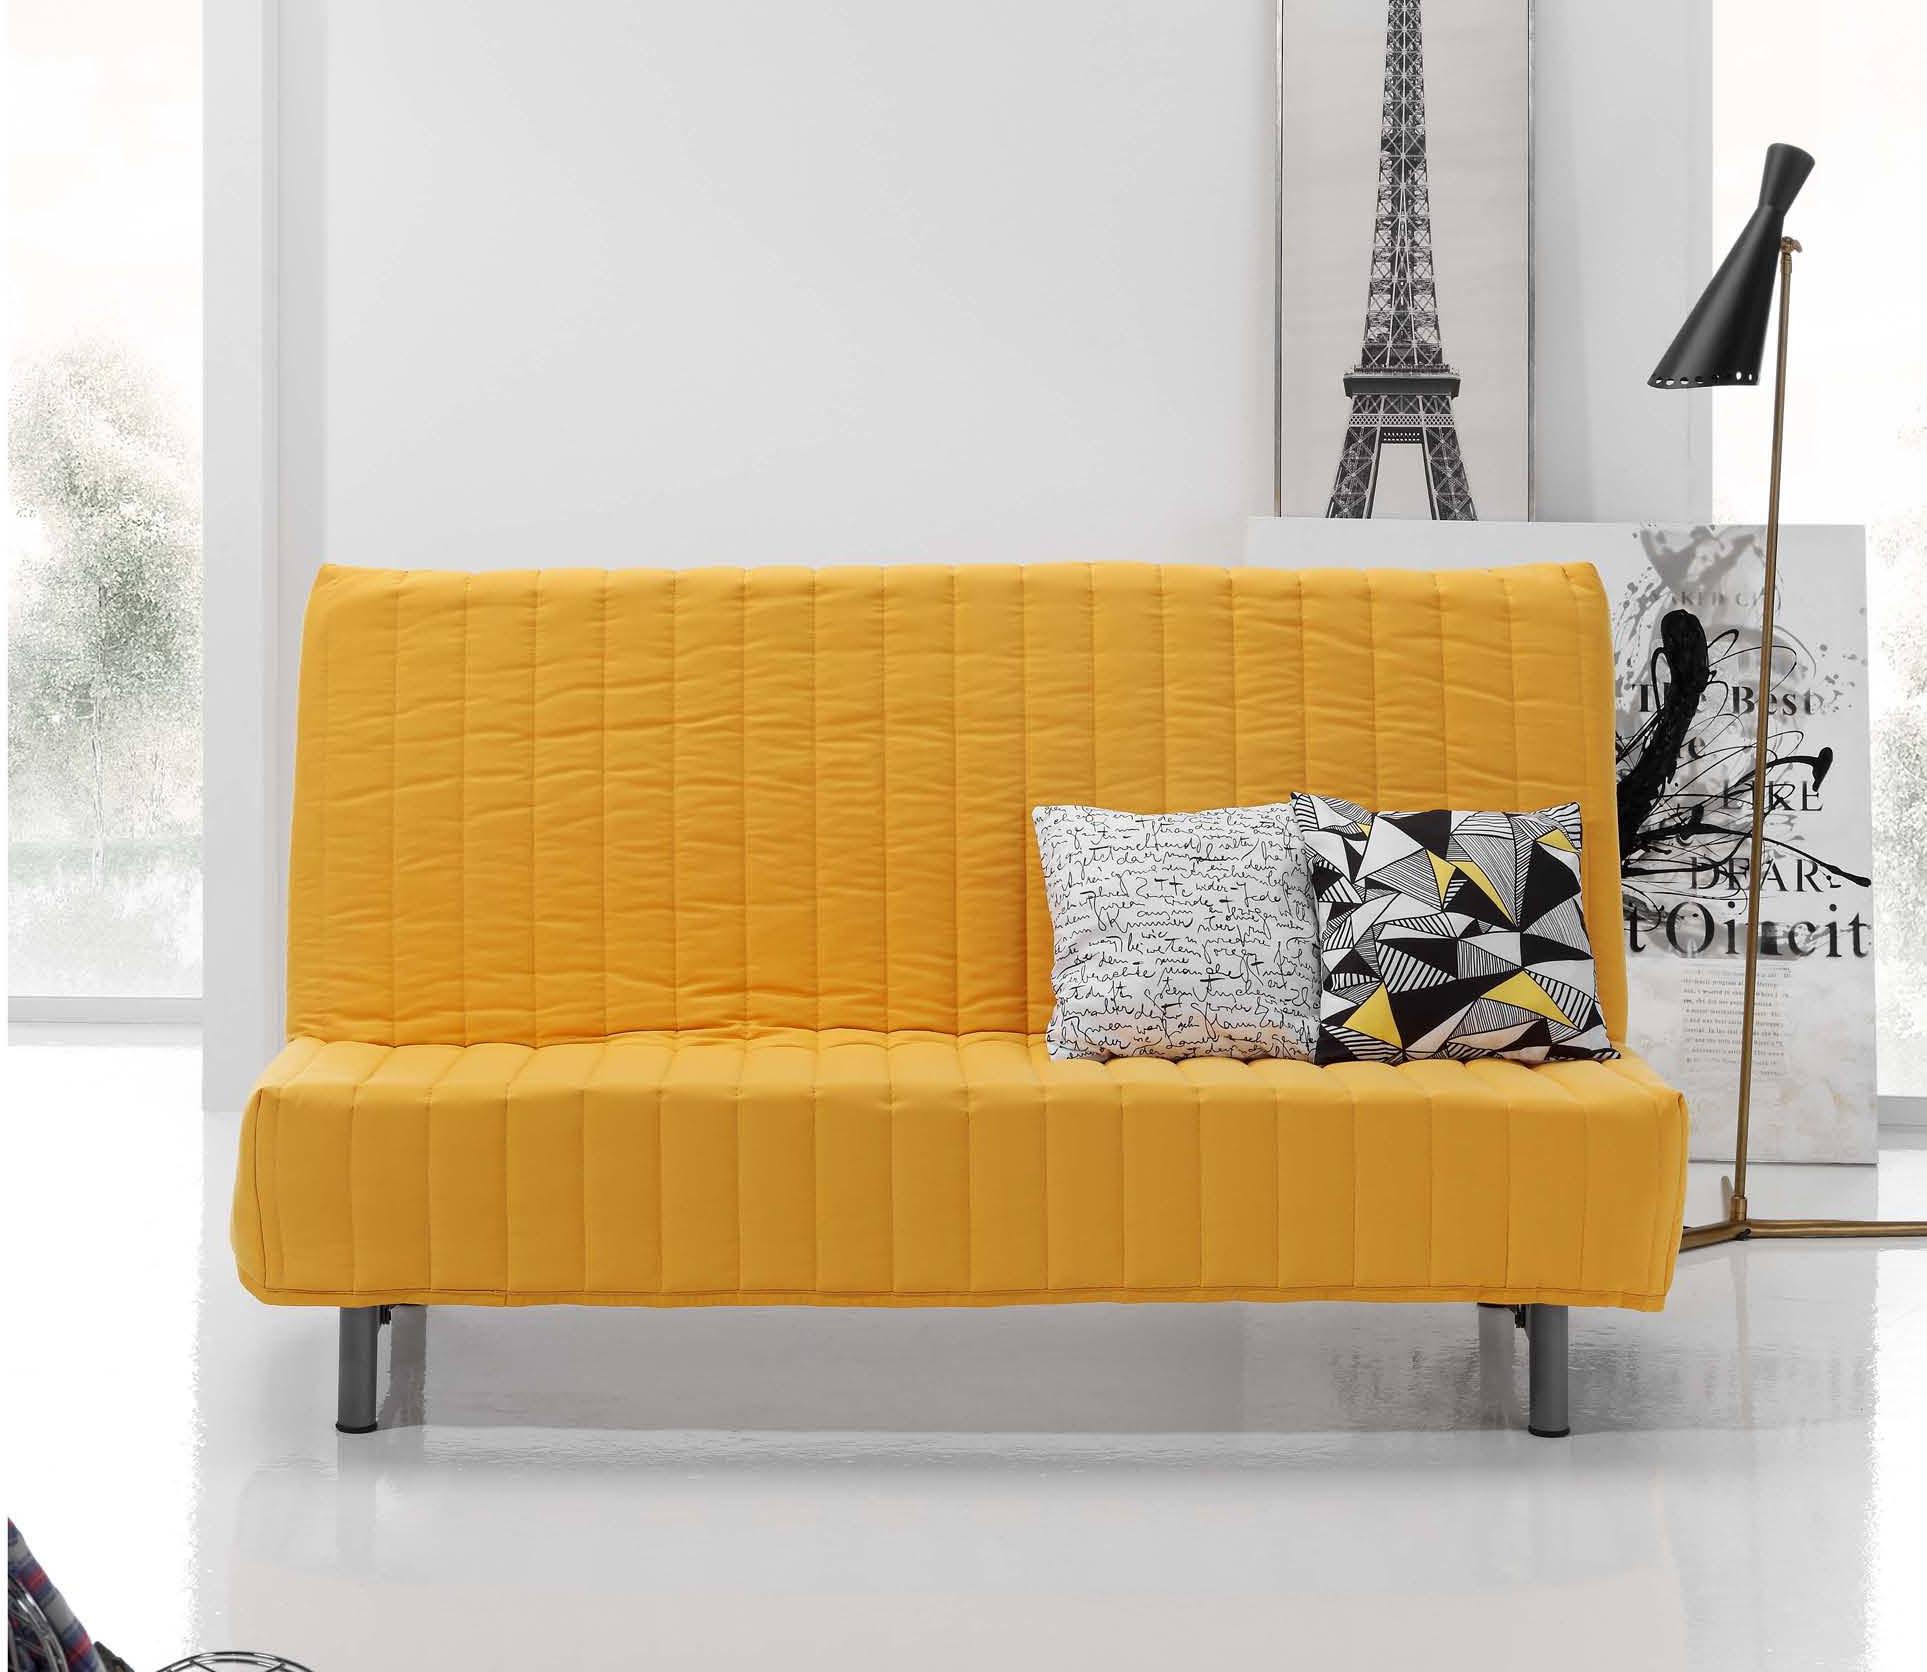 Sof cama dise o moderno muebles adama tienda de muebles for Sofas modernos madrid